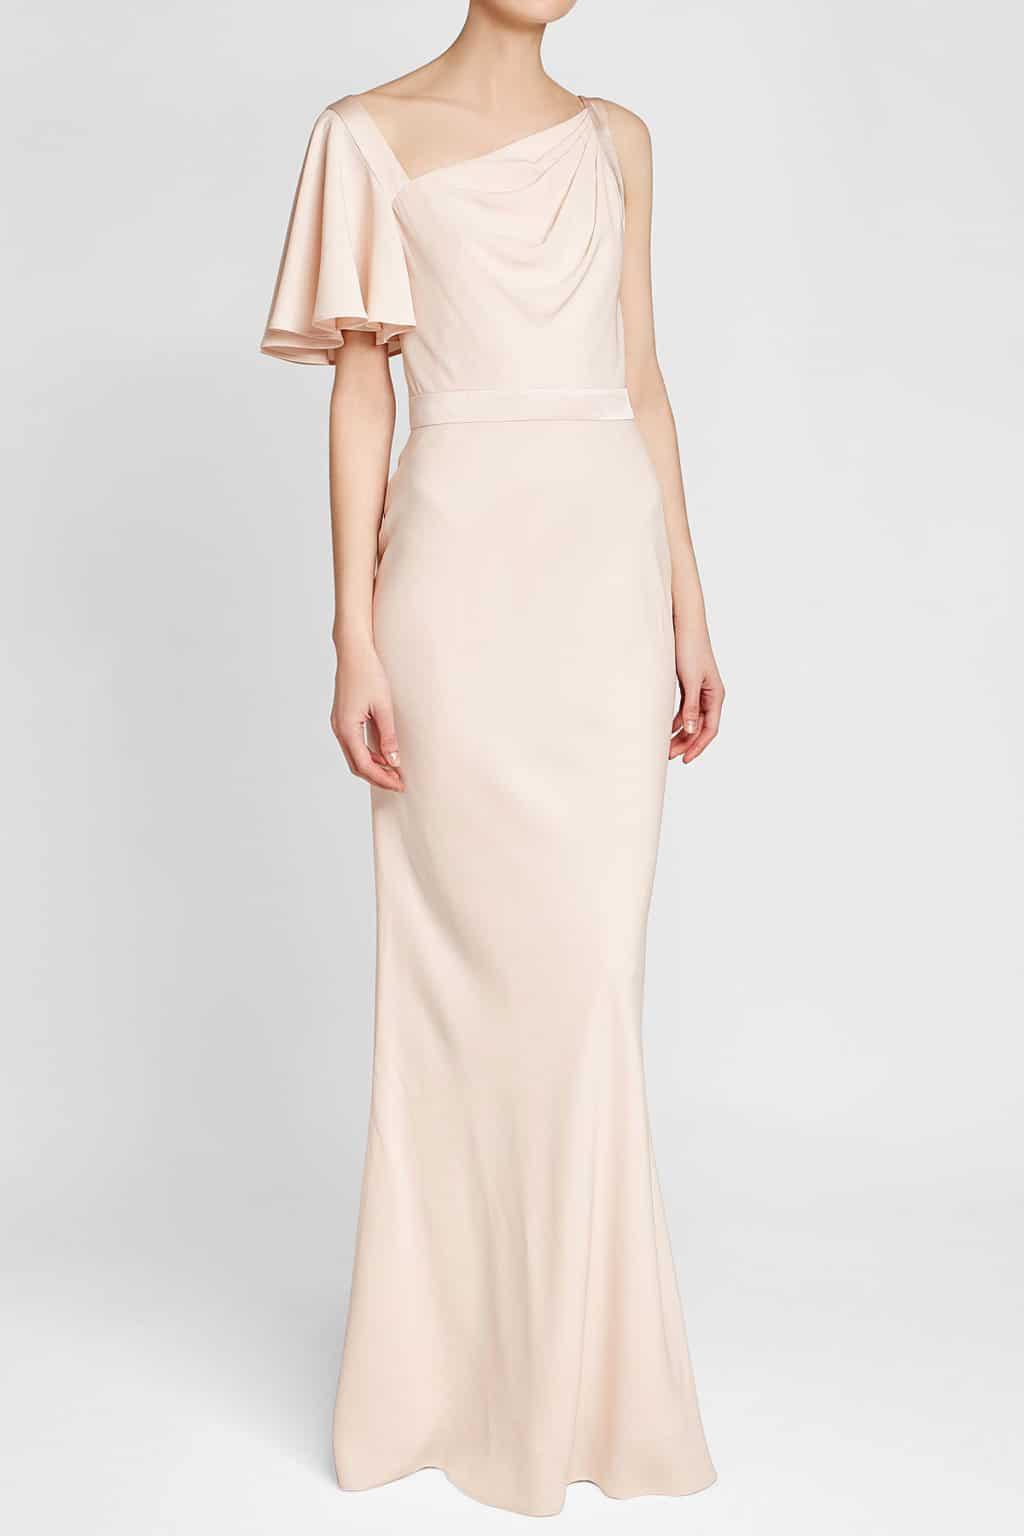 ALEXANDER MCQUEEN Crepe Evening Pink Gown